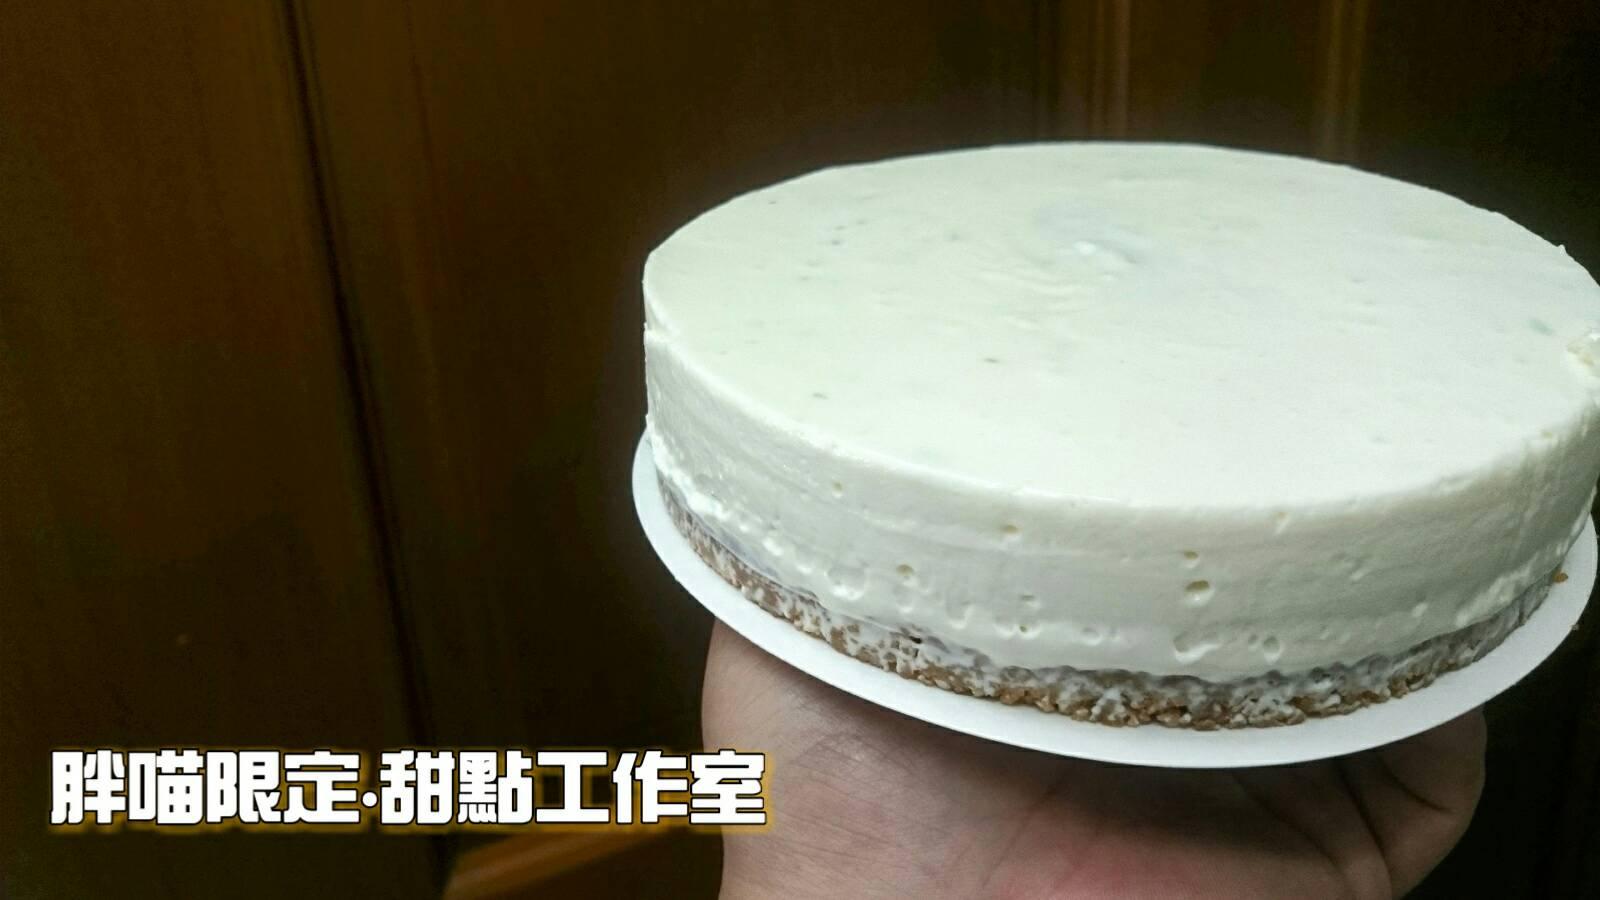 胖喵限定(*°ω°*ฅ)*季節限定! 檸檬生乳酪蛋糕